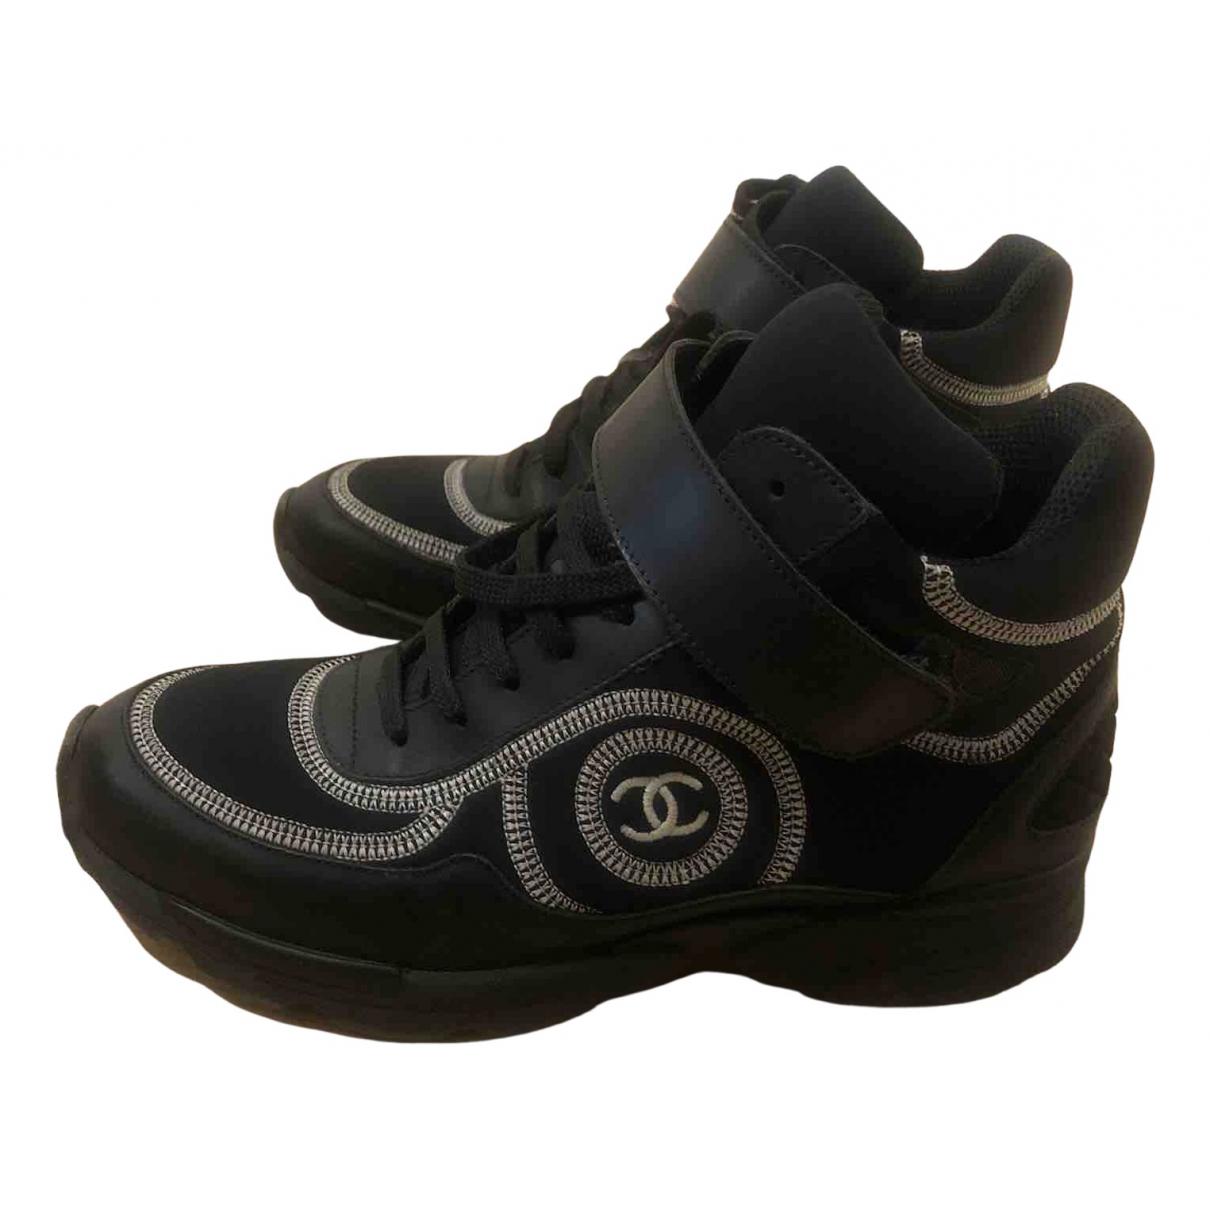 Chanel - Baskets Ankle Strap pour femme en cuir - noir